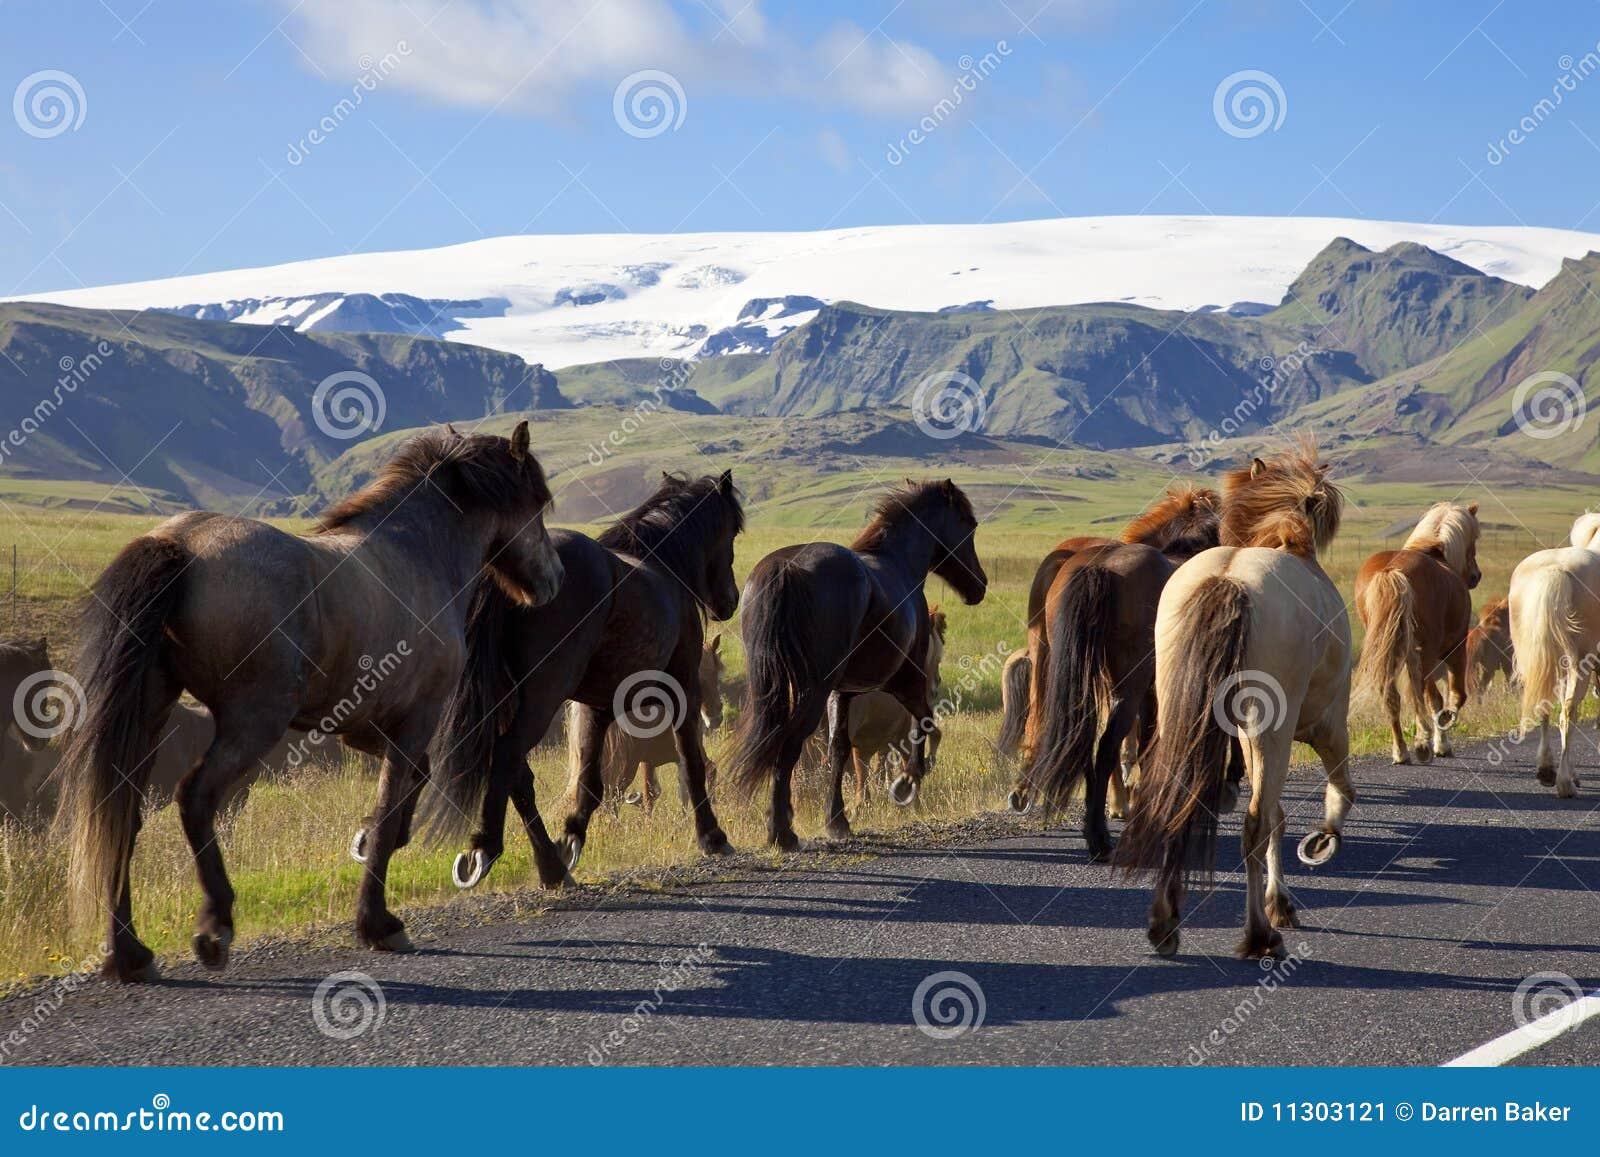 Isländische Pferde, die auf eine Straße laufen